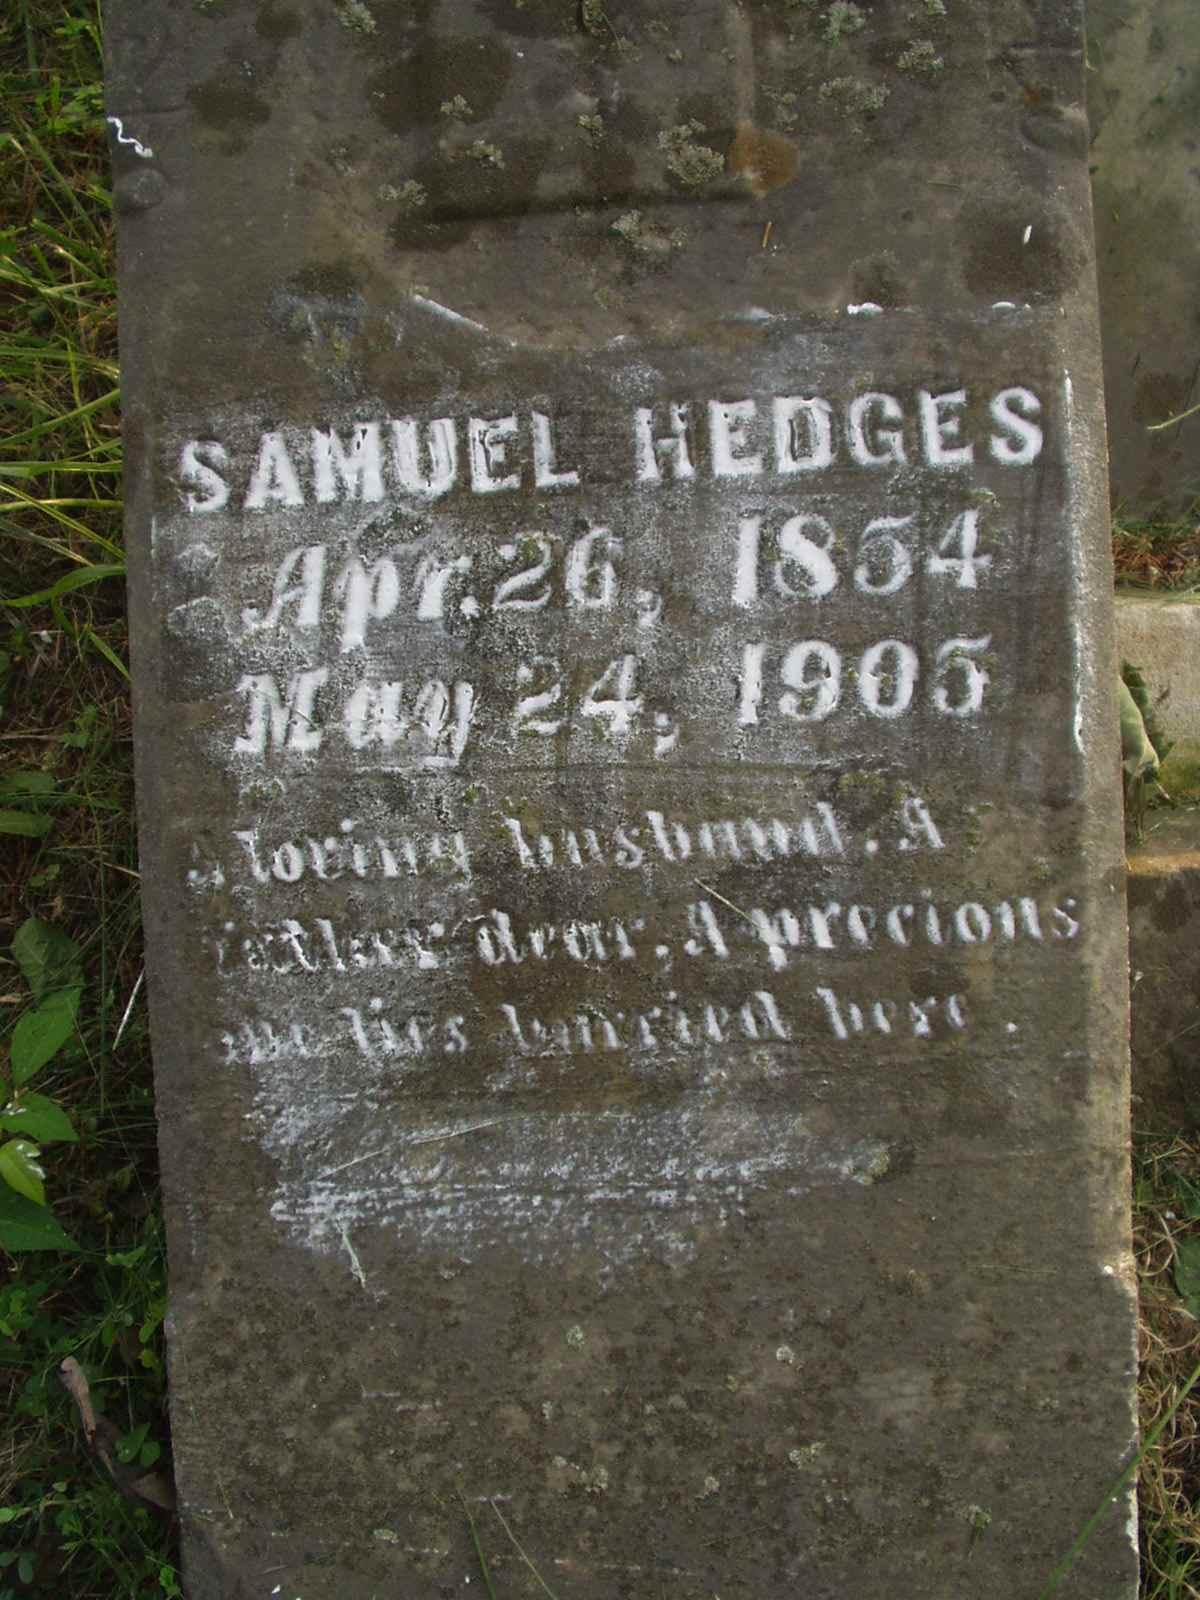 Samuel Hedges